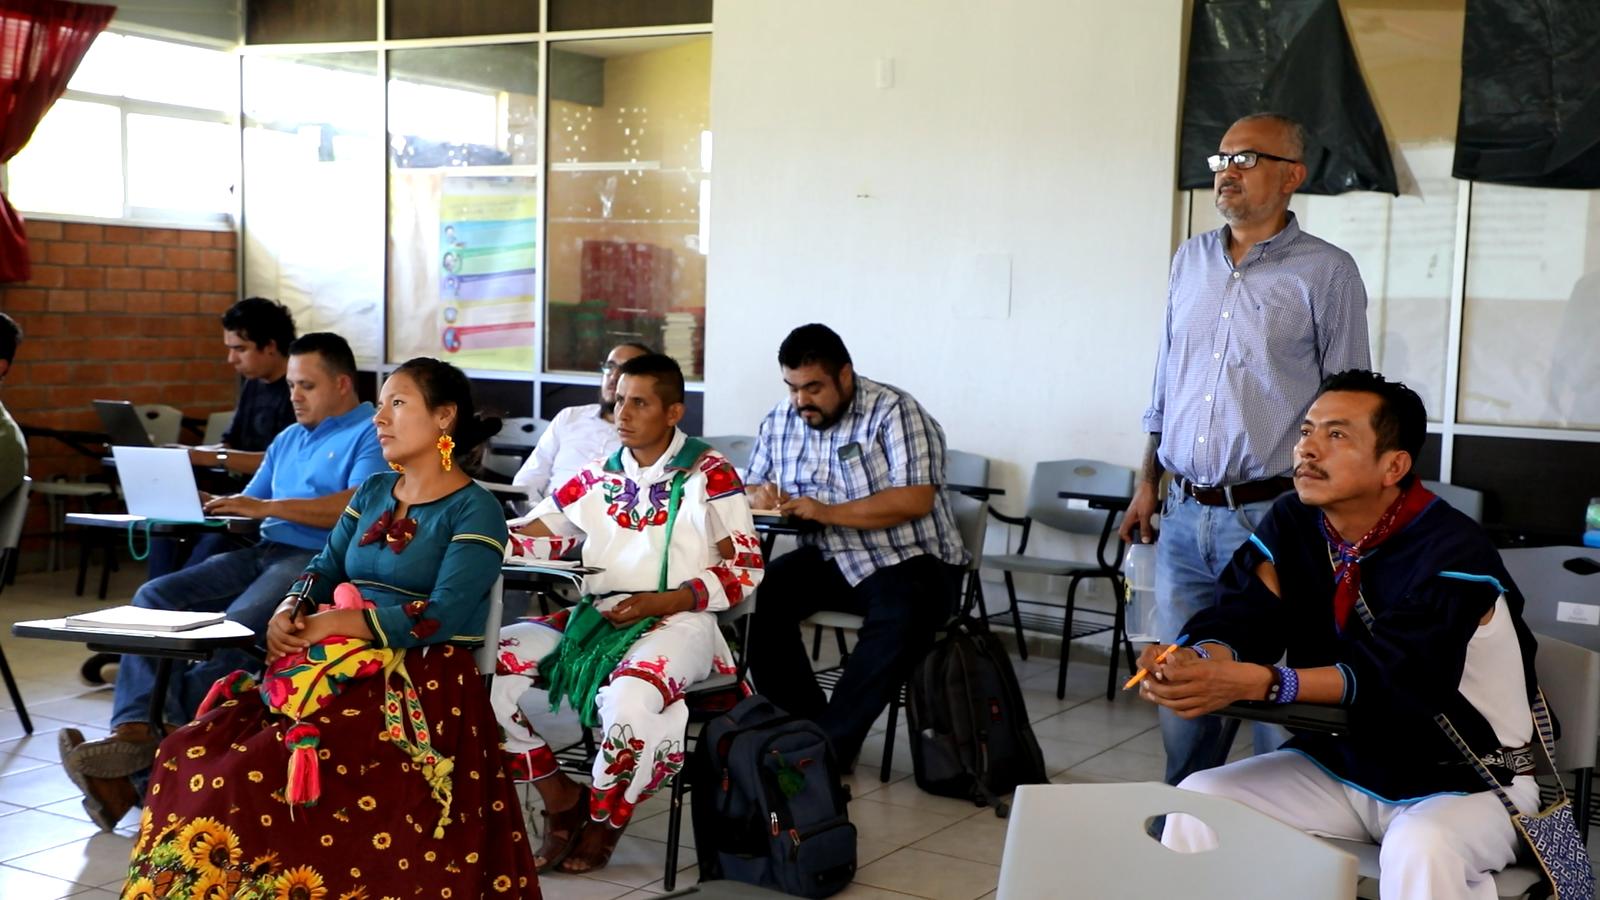 El plantel trabaja en el diseño de un nuevo programa educativo que busca reforzar la vinculación entre la docencia y los pueblos originarios